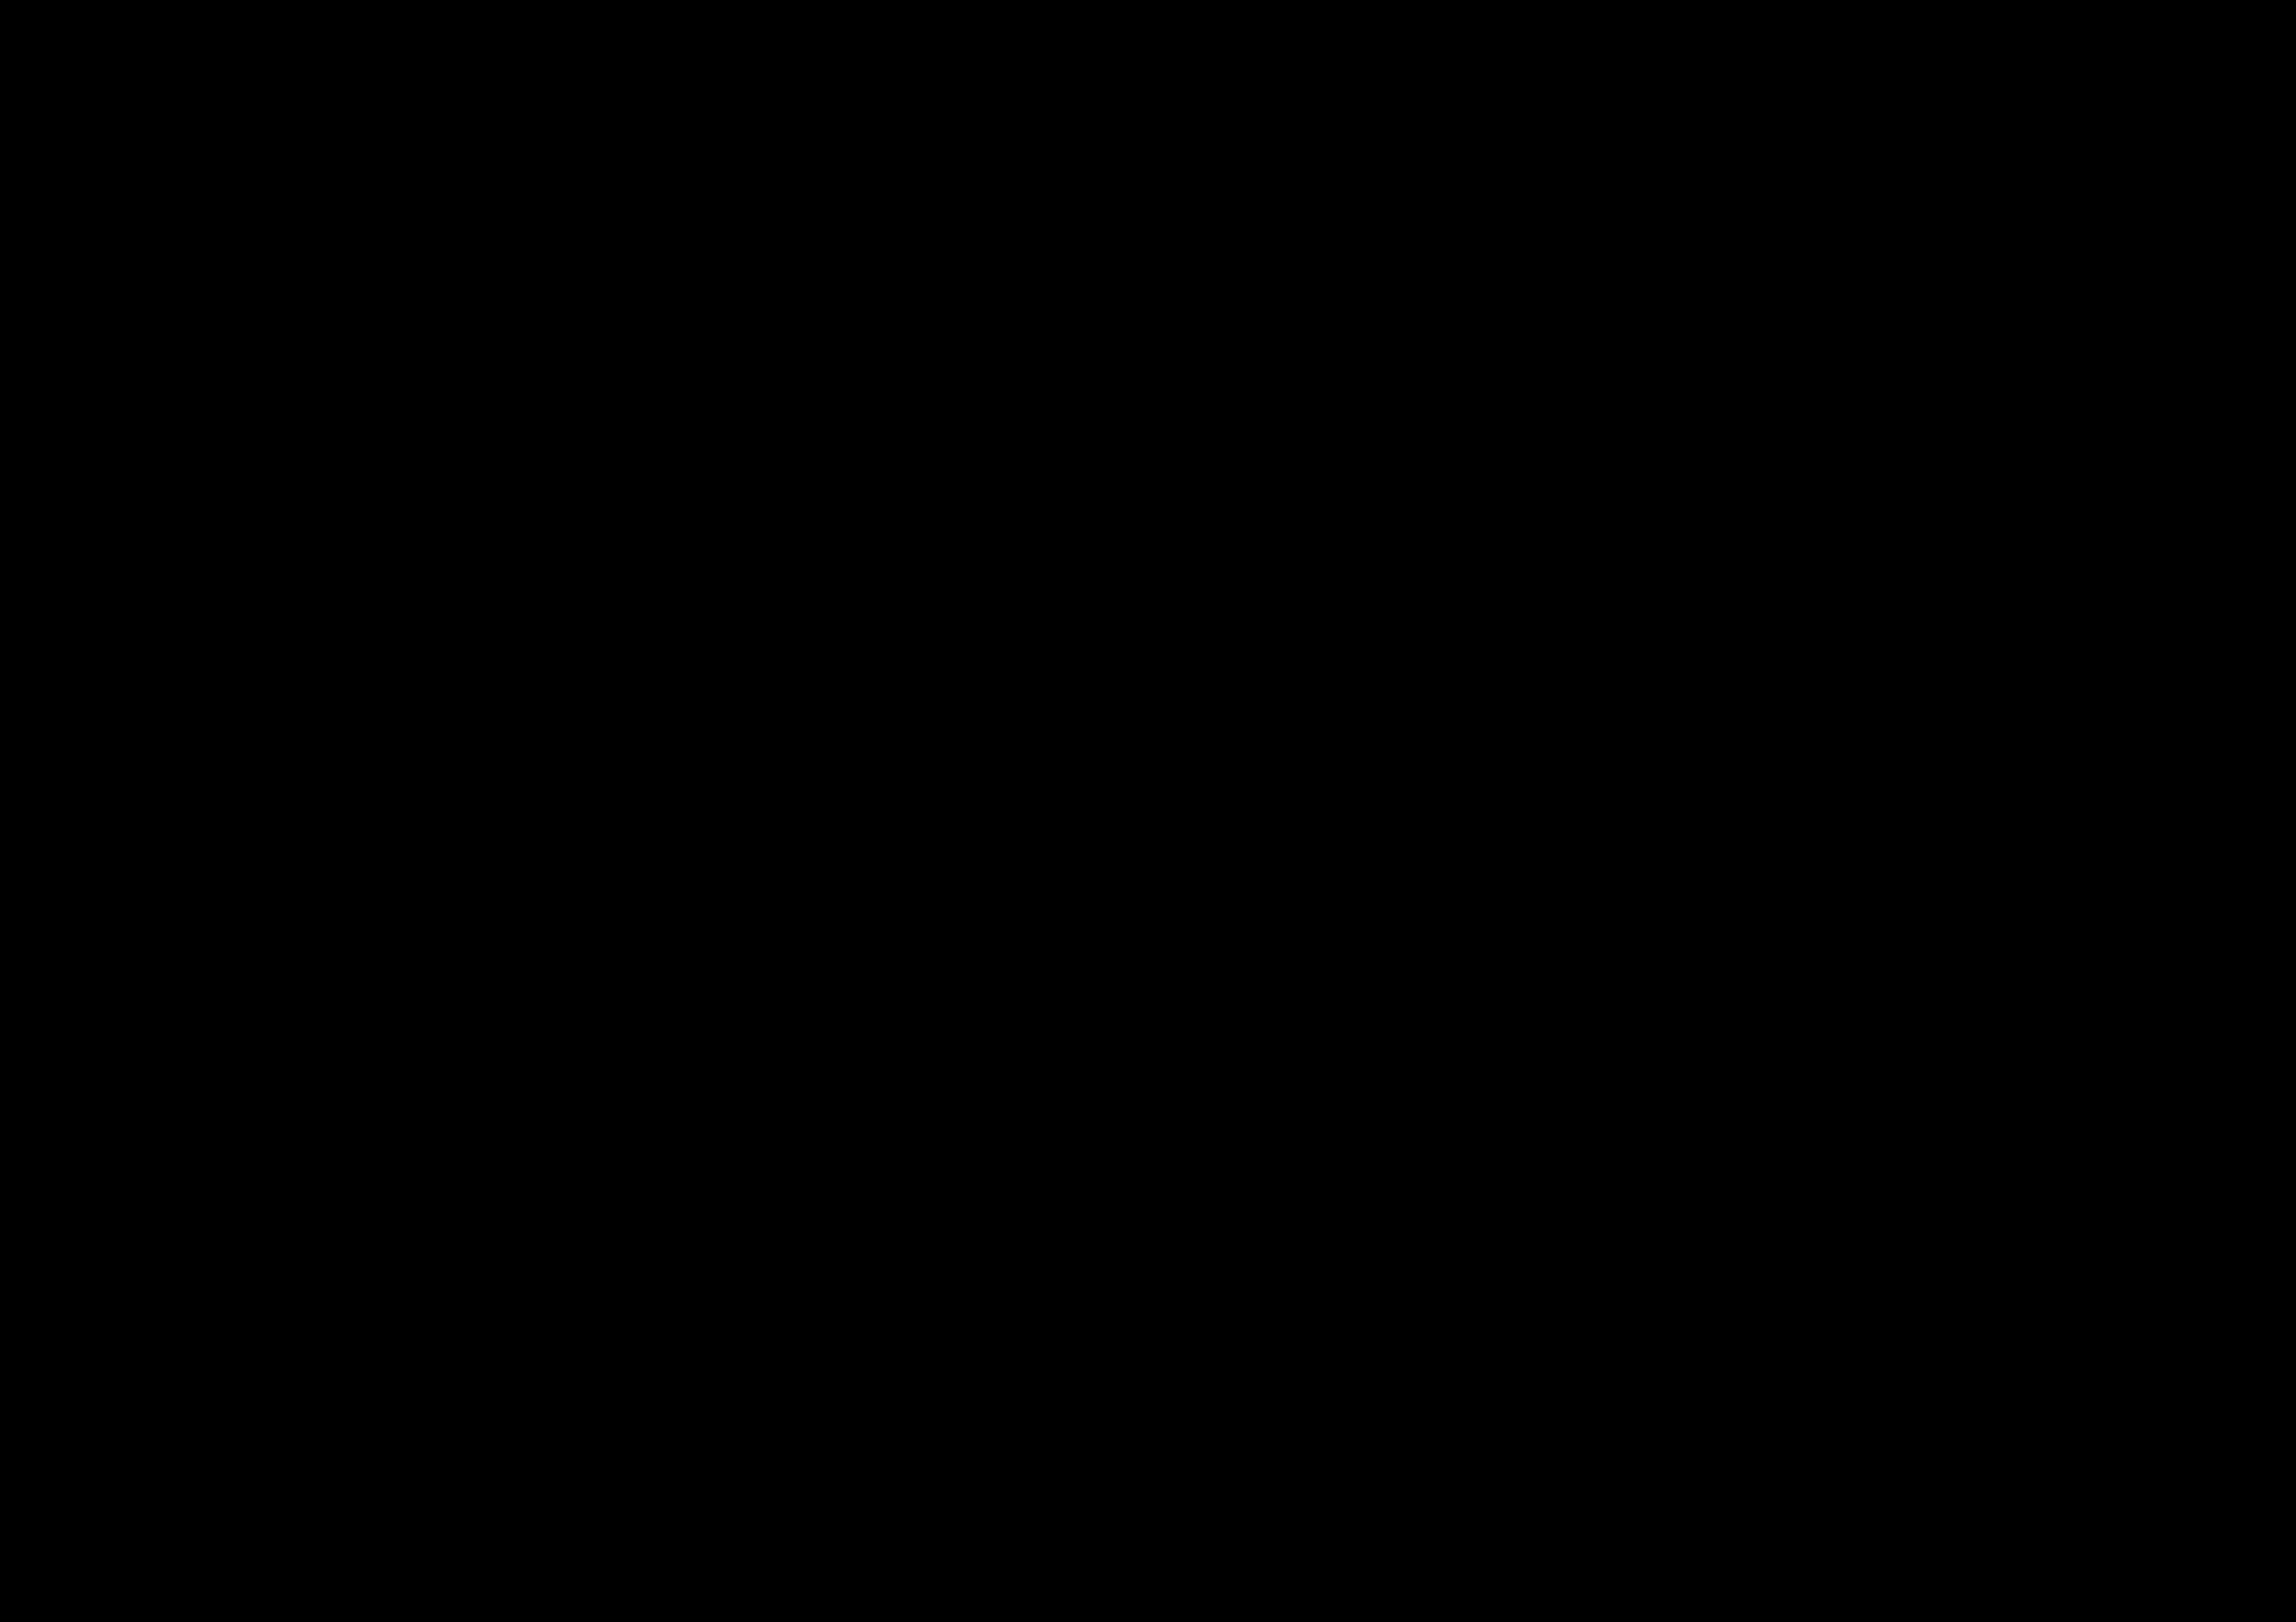 北京礼宴餐厅厨房工程设计